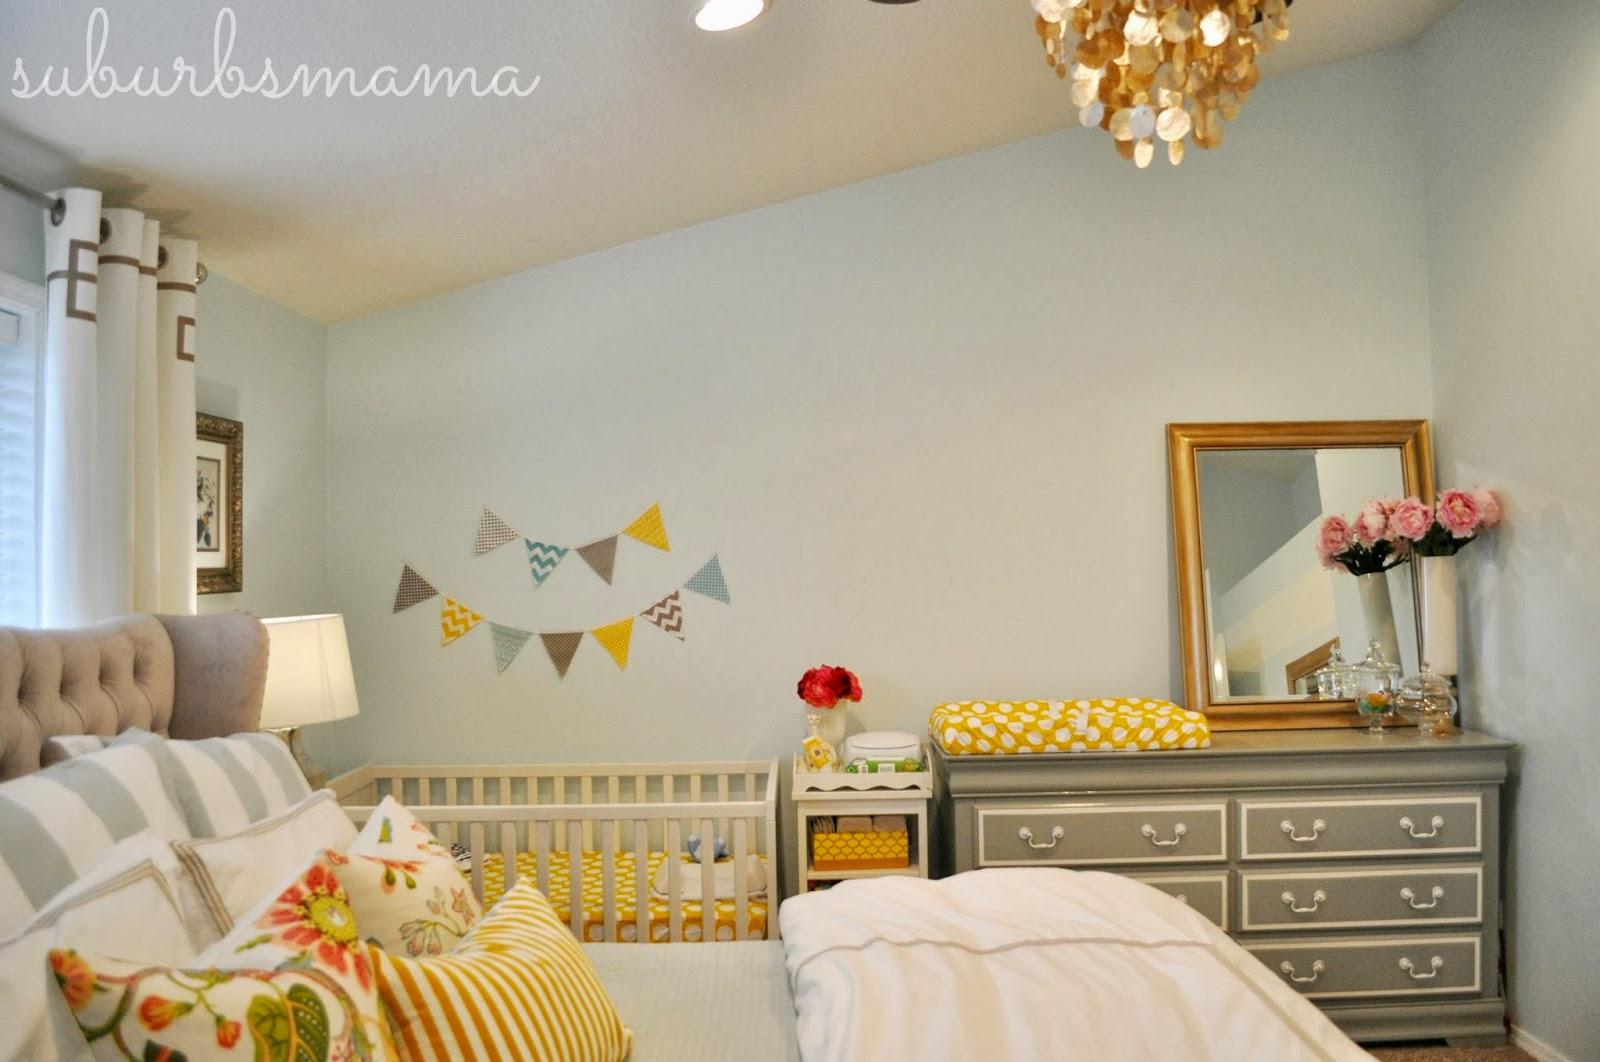 Suburbs Mama: Nursery in Master Bedroom